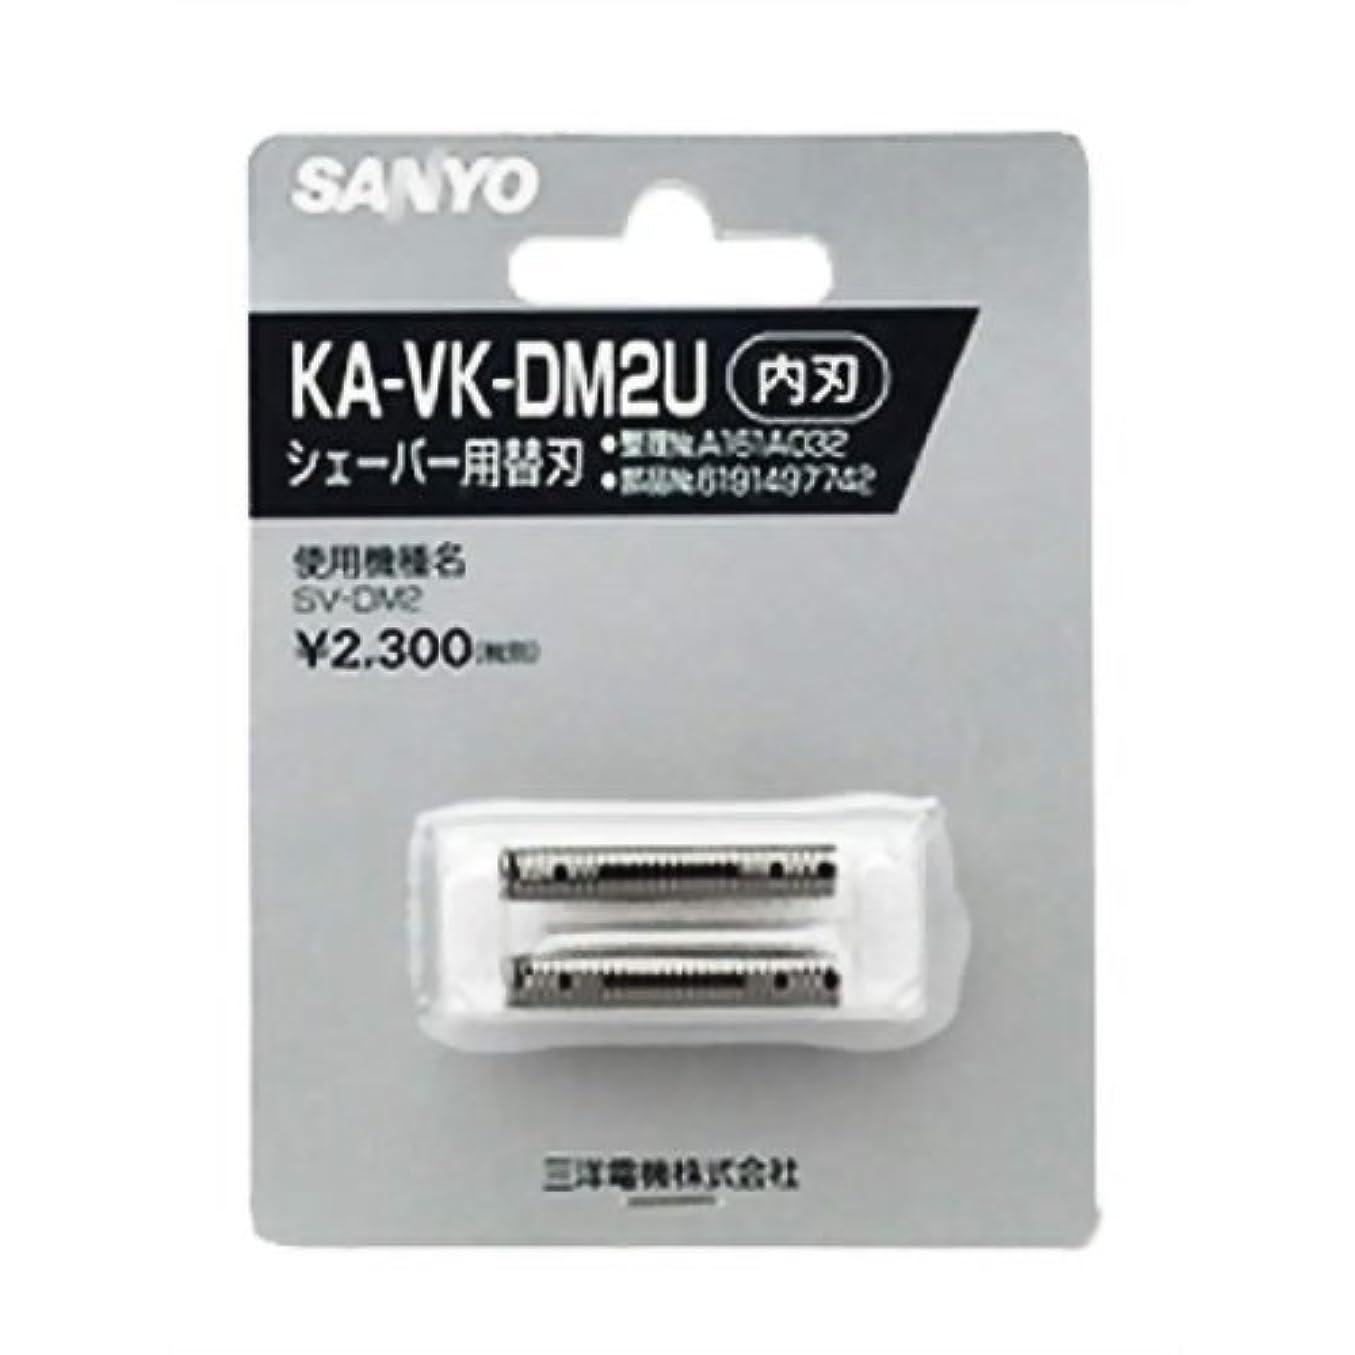 才能保存デコレーションSANYO (サンヨー) KA-VK-DM2U シェーバー替刃 (内刃)